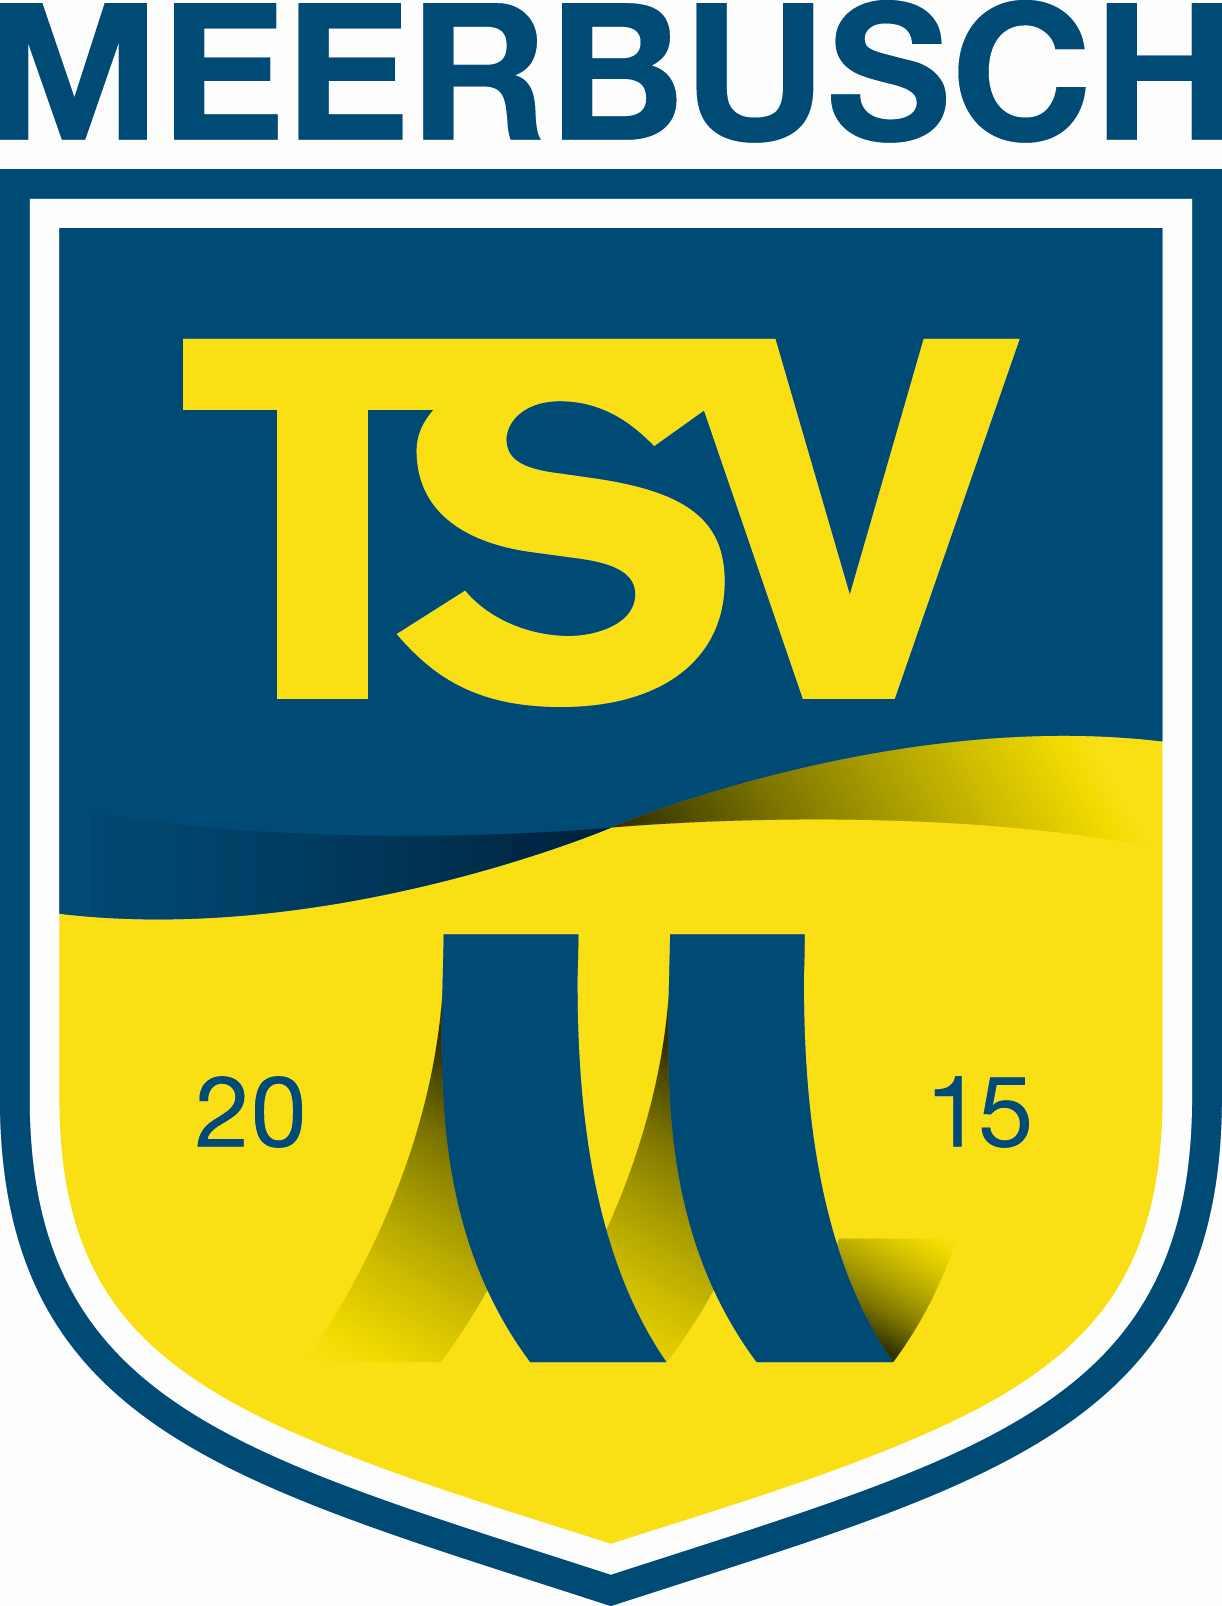 TSV Meerbusch 2015 e.V. I